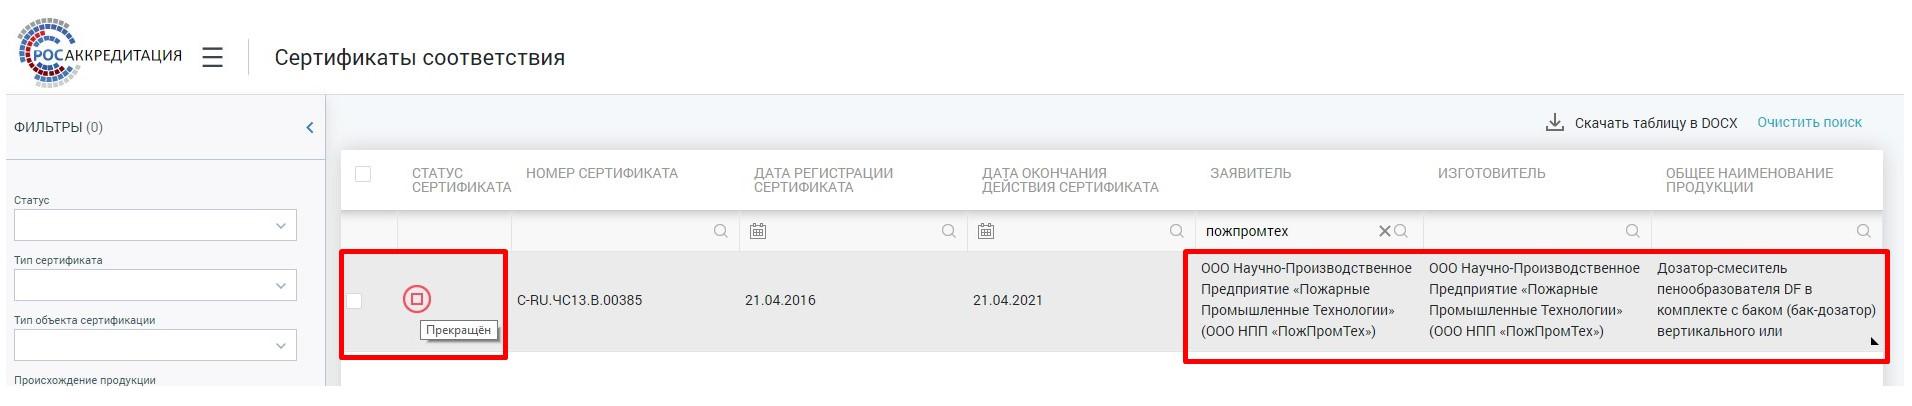 Прекращенный сертификат НПП Пожпромтех